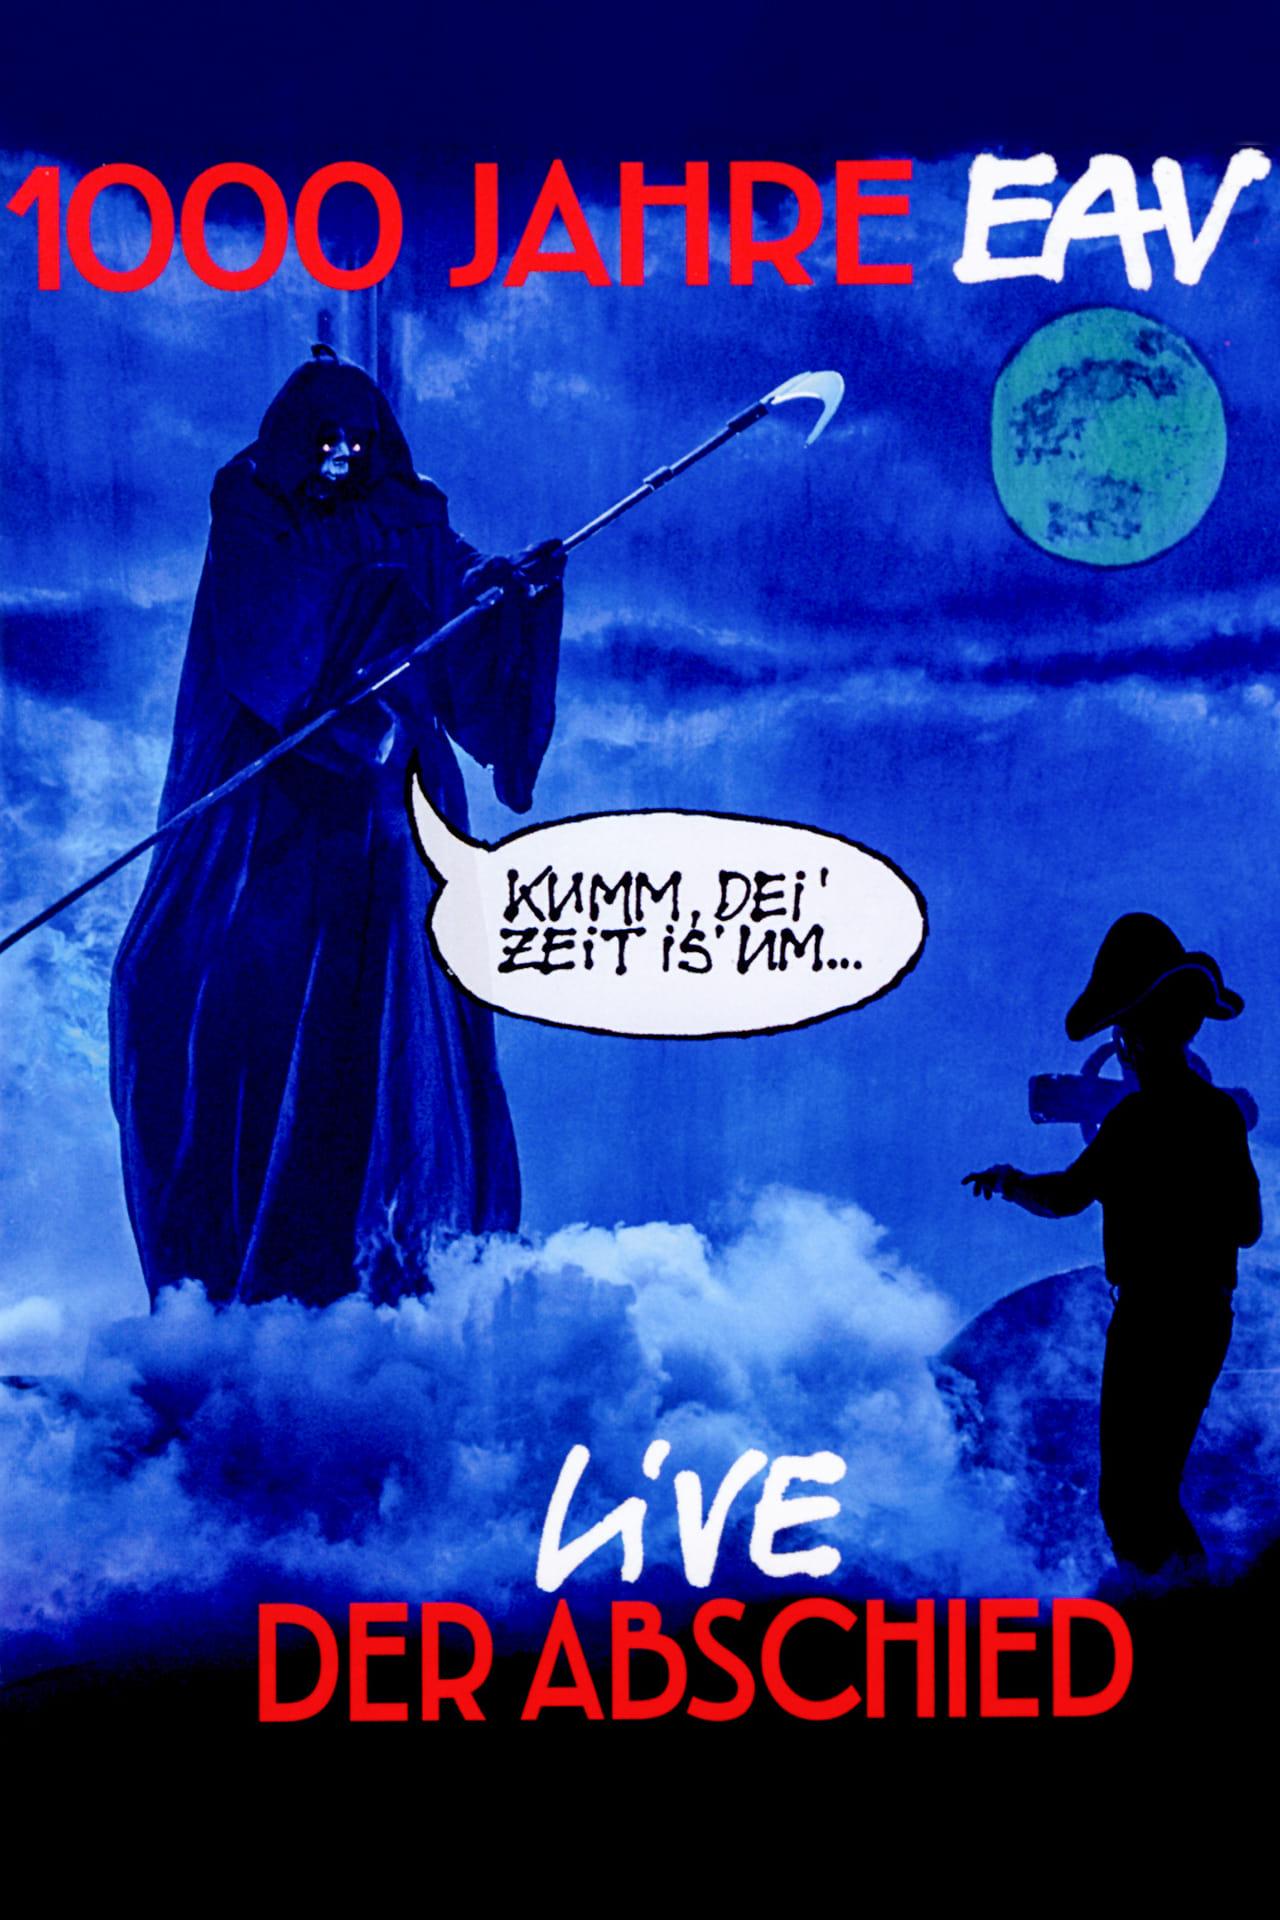 1000 Jahre EAV Live - Der Abschied (2019)